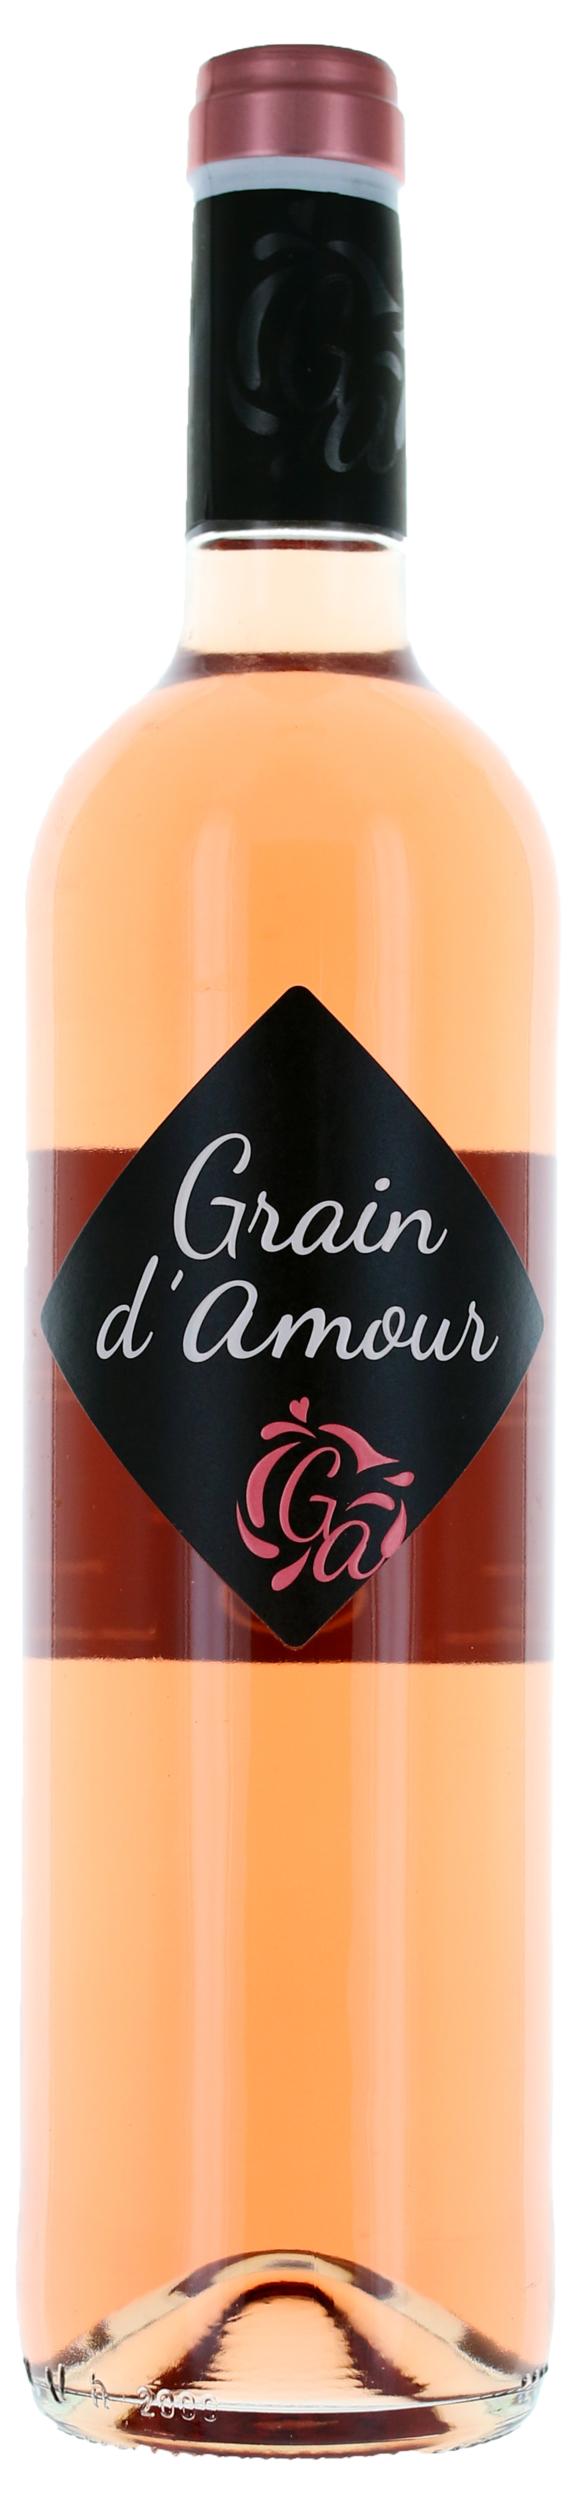 Côtes de Brulhois - Grain d\'Amour - Magnum